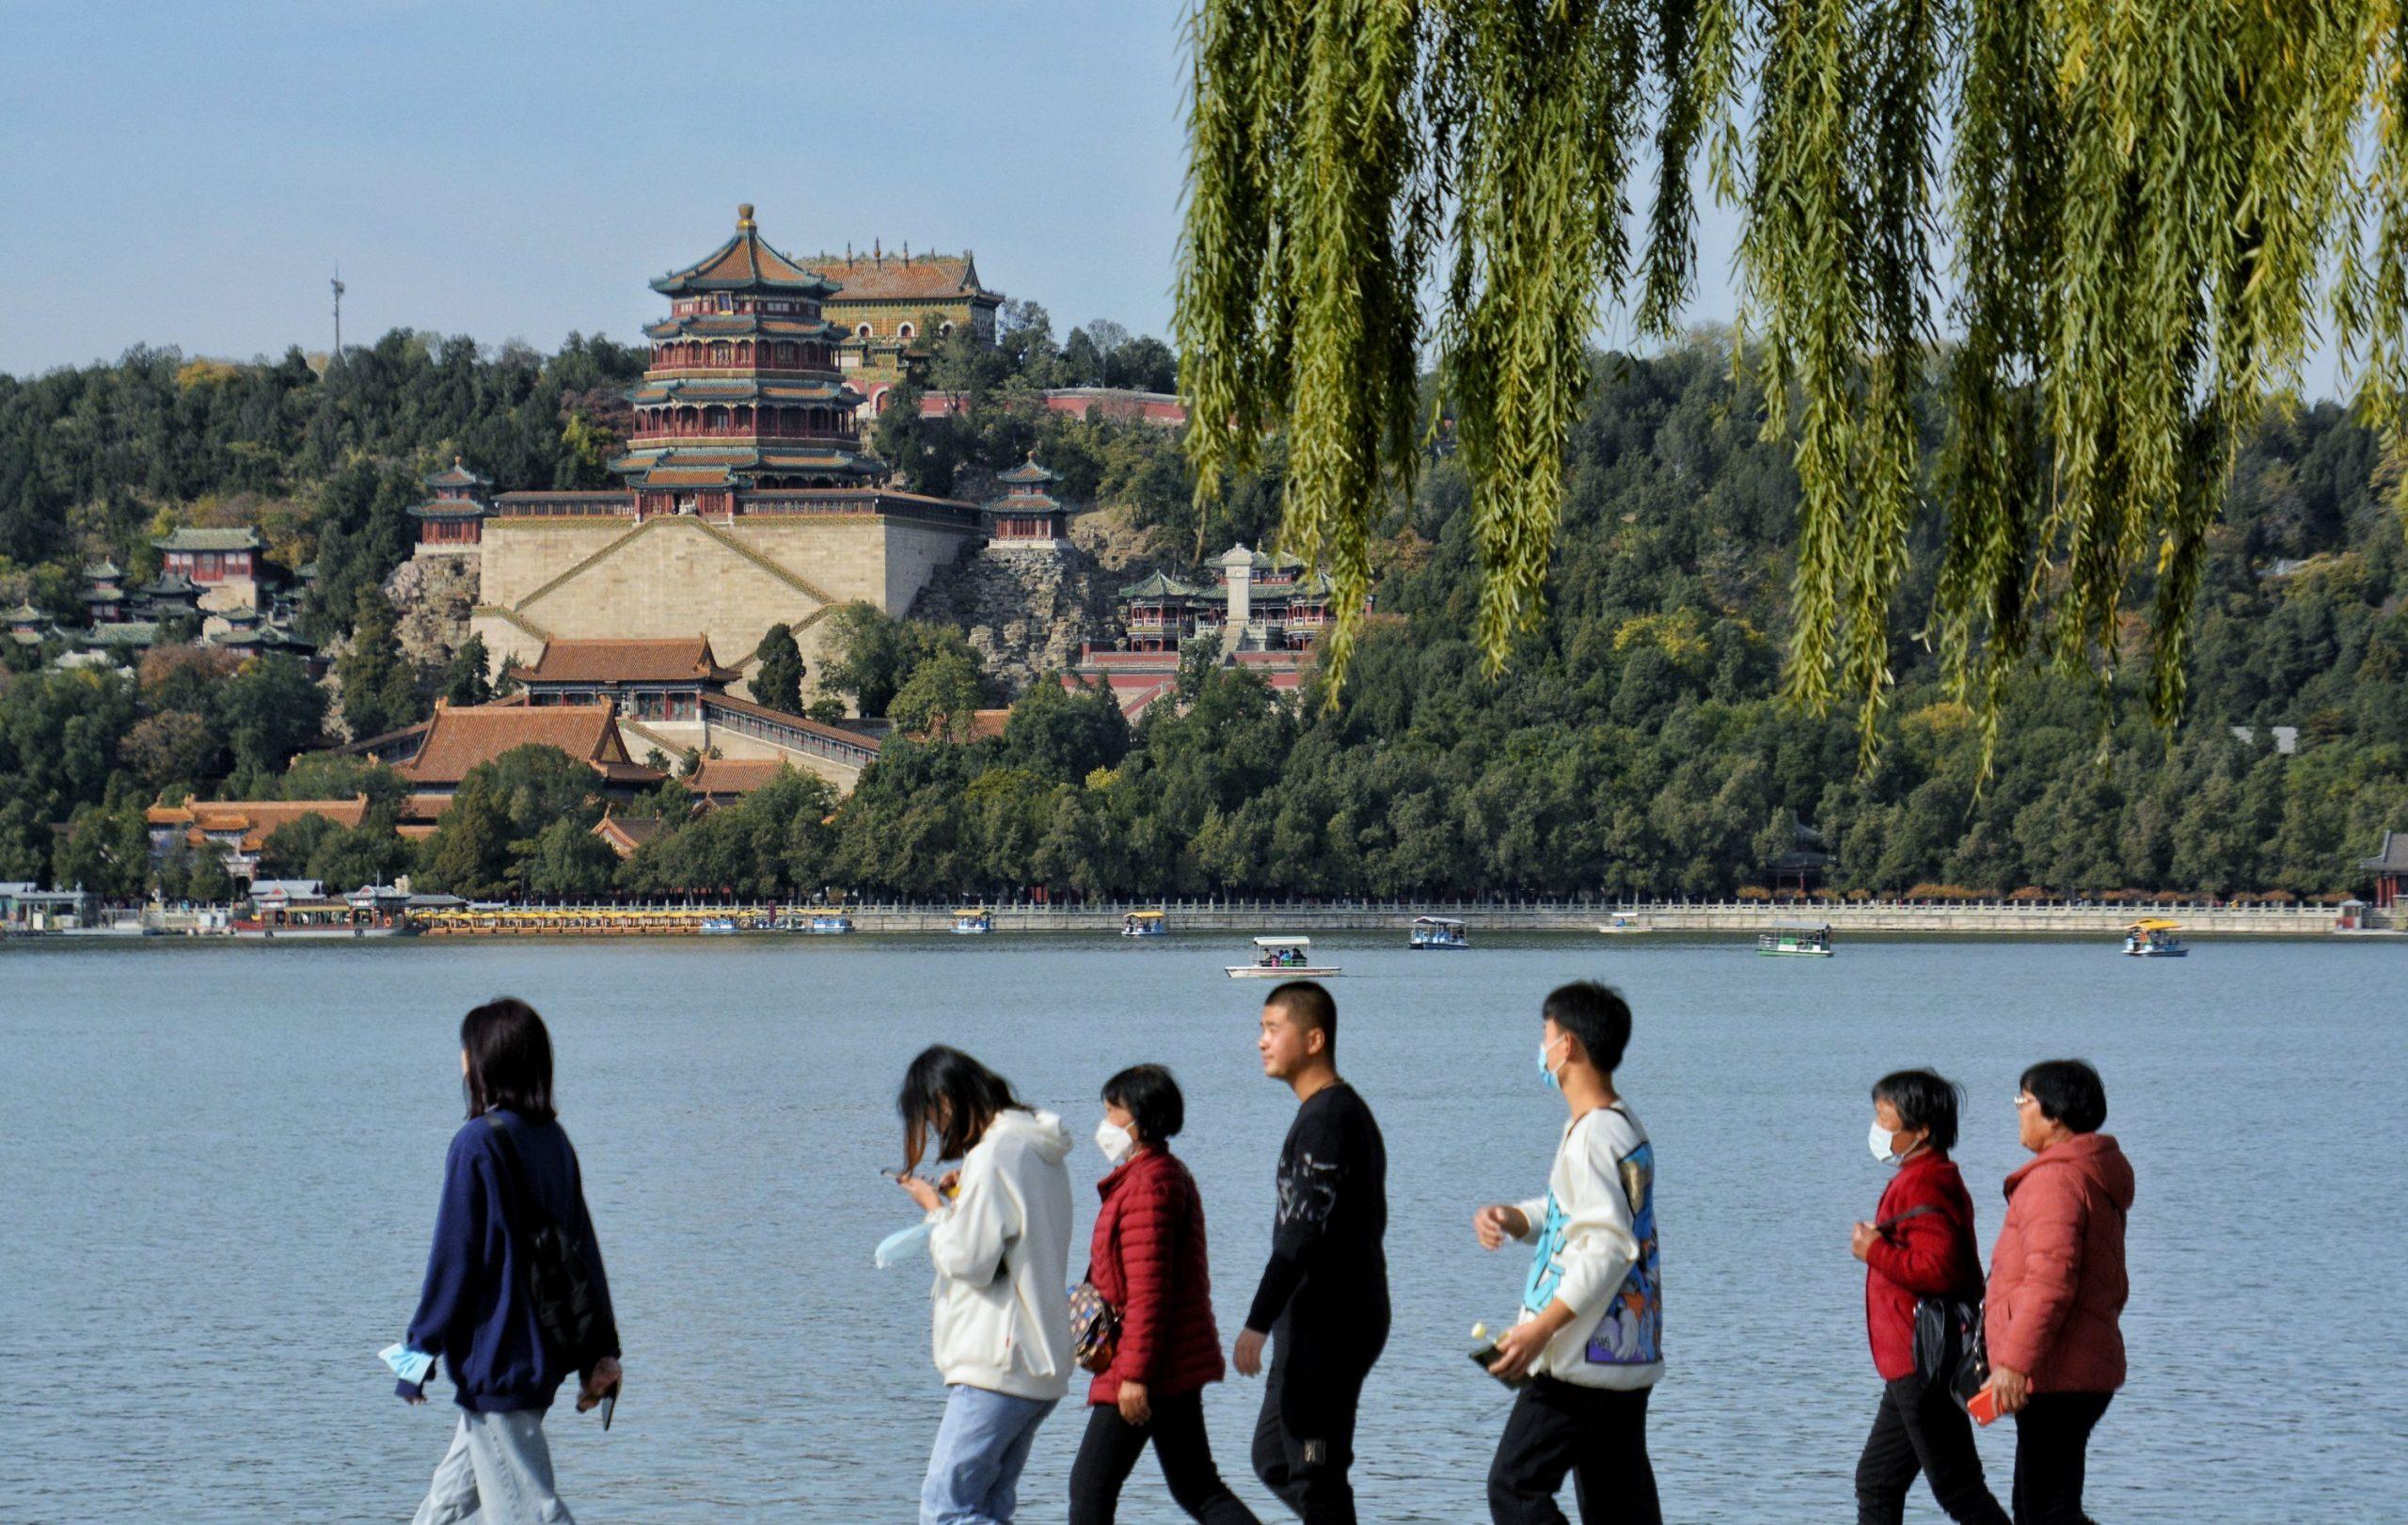 China registra 230 millones de viajes de turistas nacionales durante vacaciones de Primero de Mayo